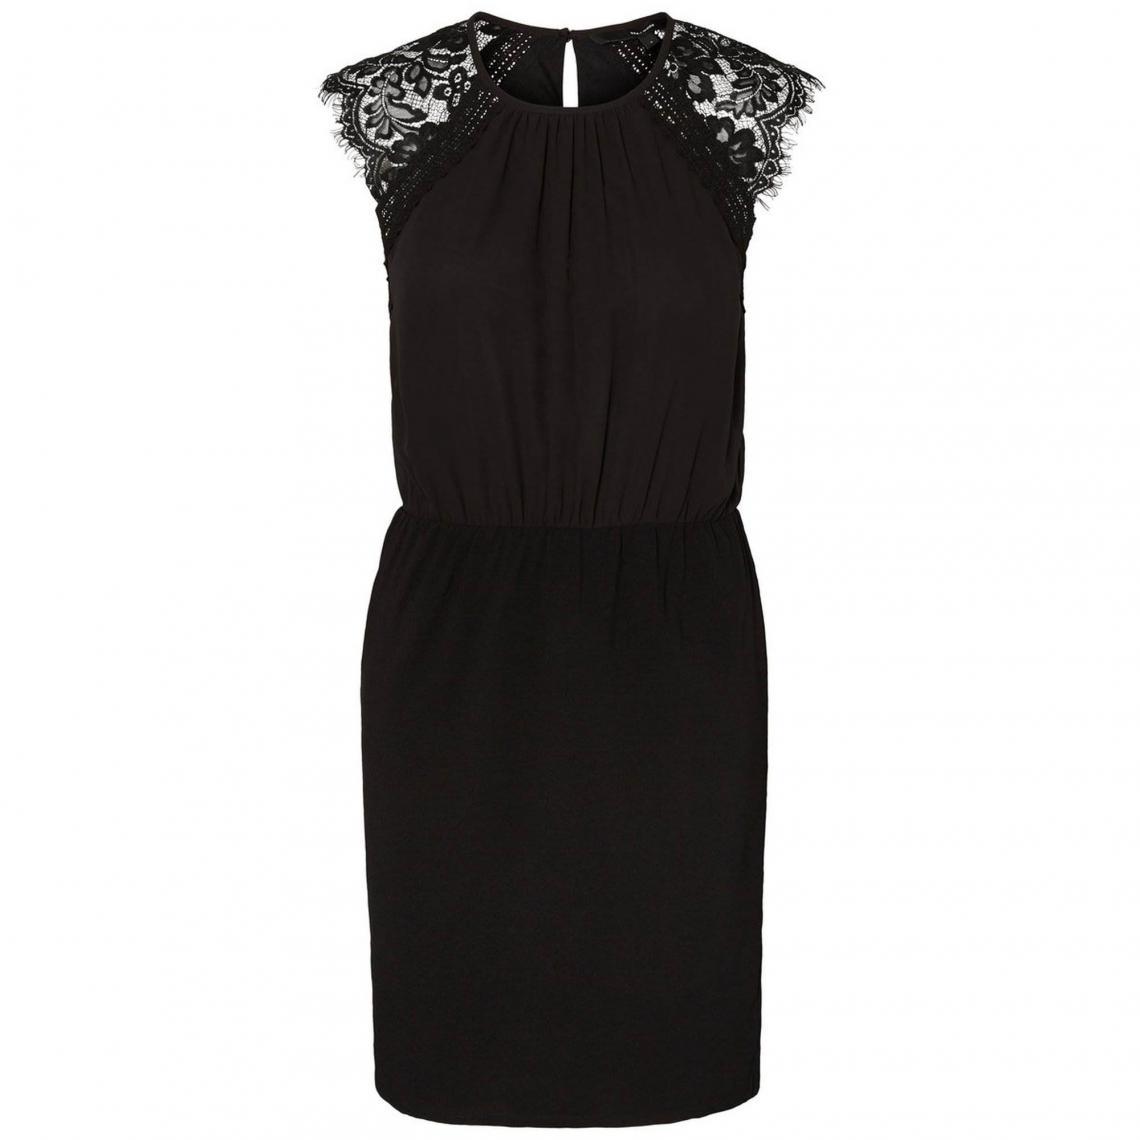 97afdc5e885 Robe courte bi-matière femme Vero Moda - Noir Vero Moda